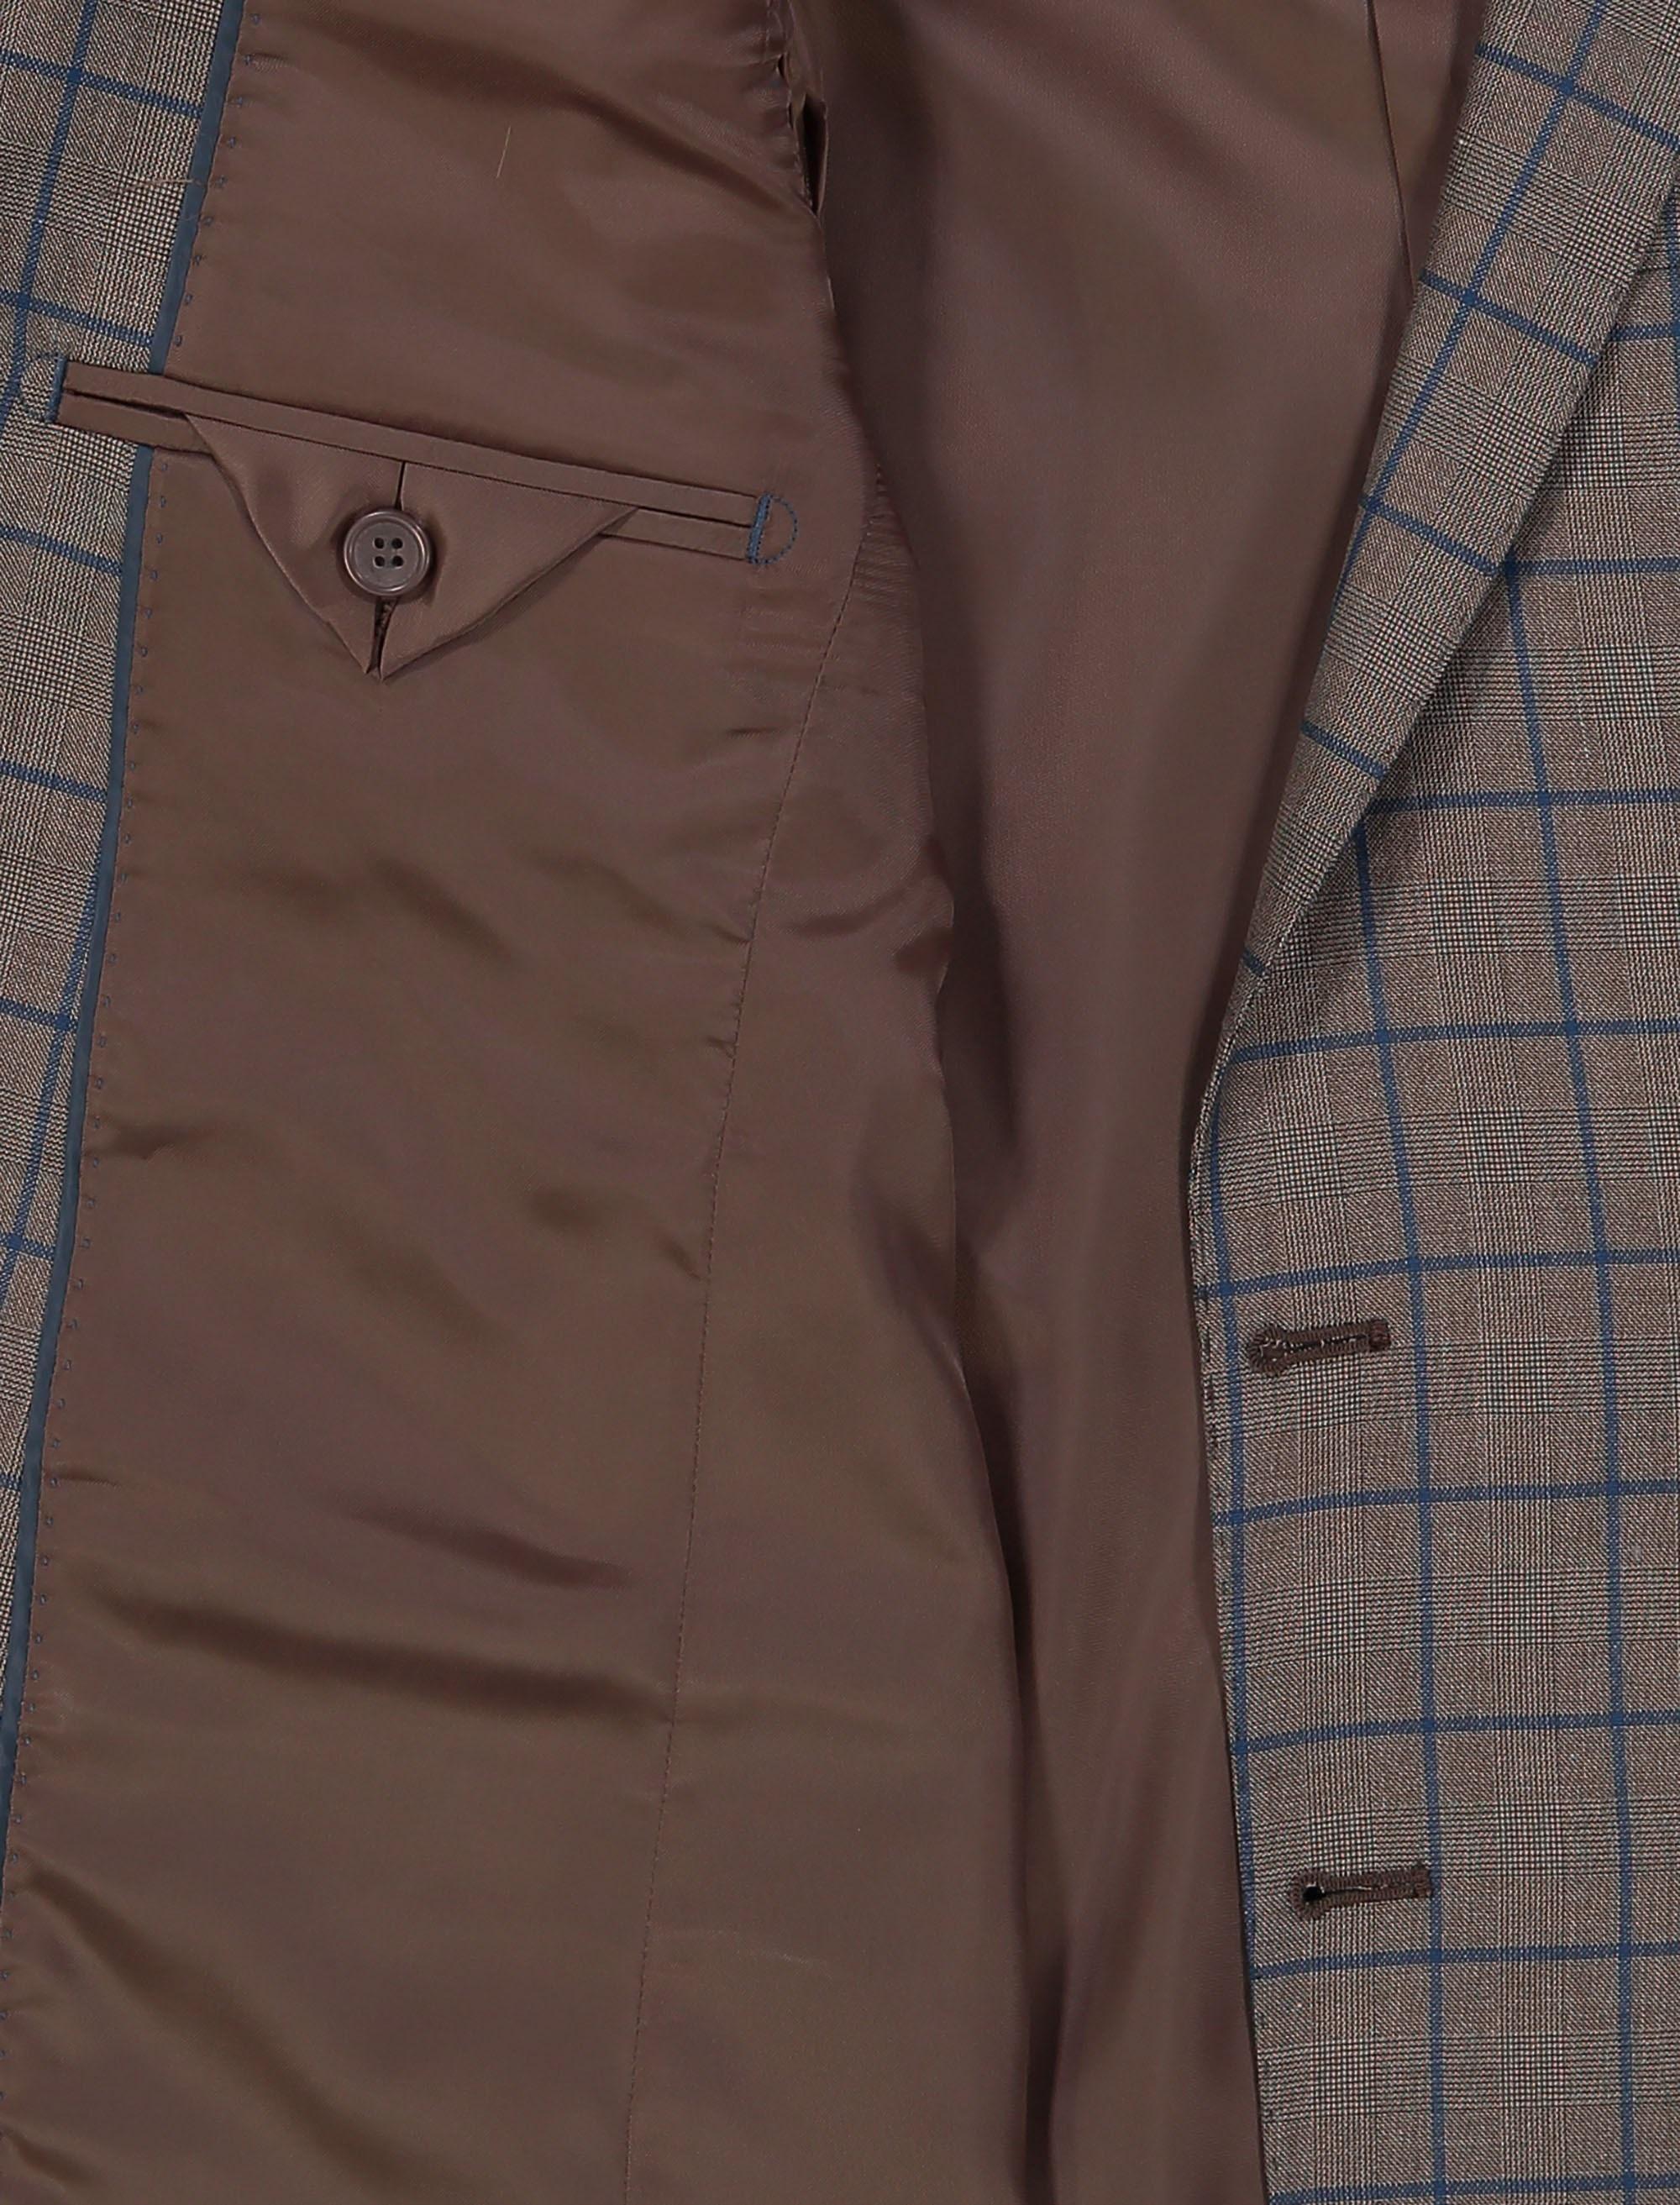 کت تک  غیر رسمی مردانه - زاگرس پوش - قهوه اي روشن - 4